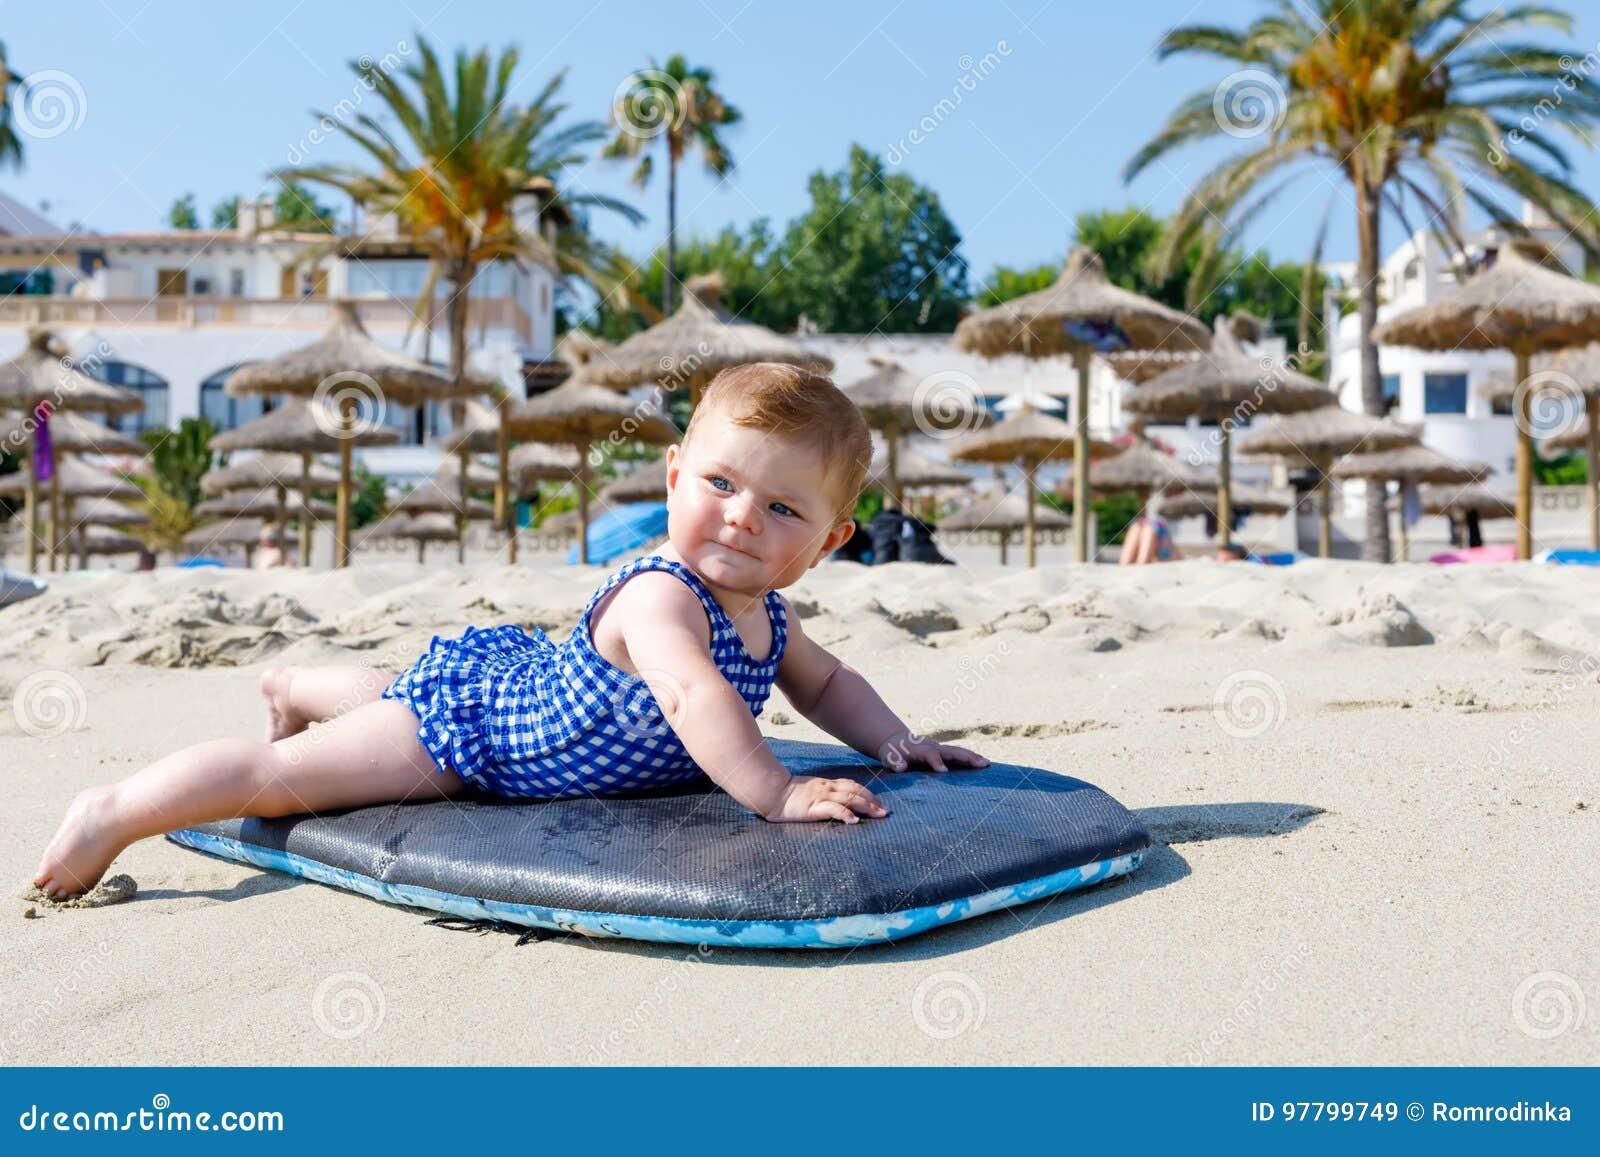 58526dd3388b Portrait Of Cute Little Baby Girl In Swim Suit On Beach In Summer ...